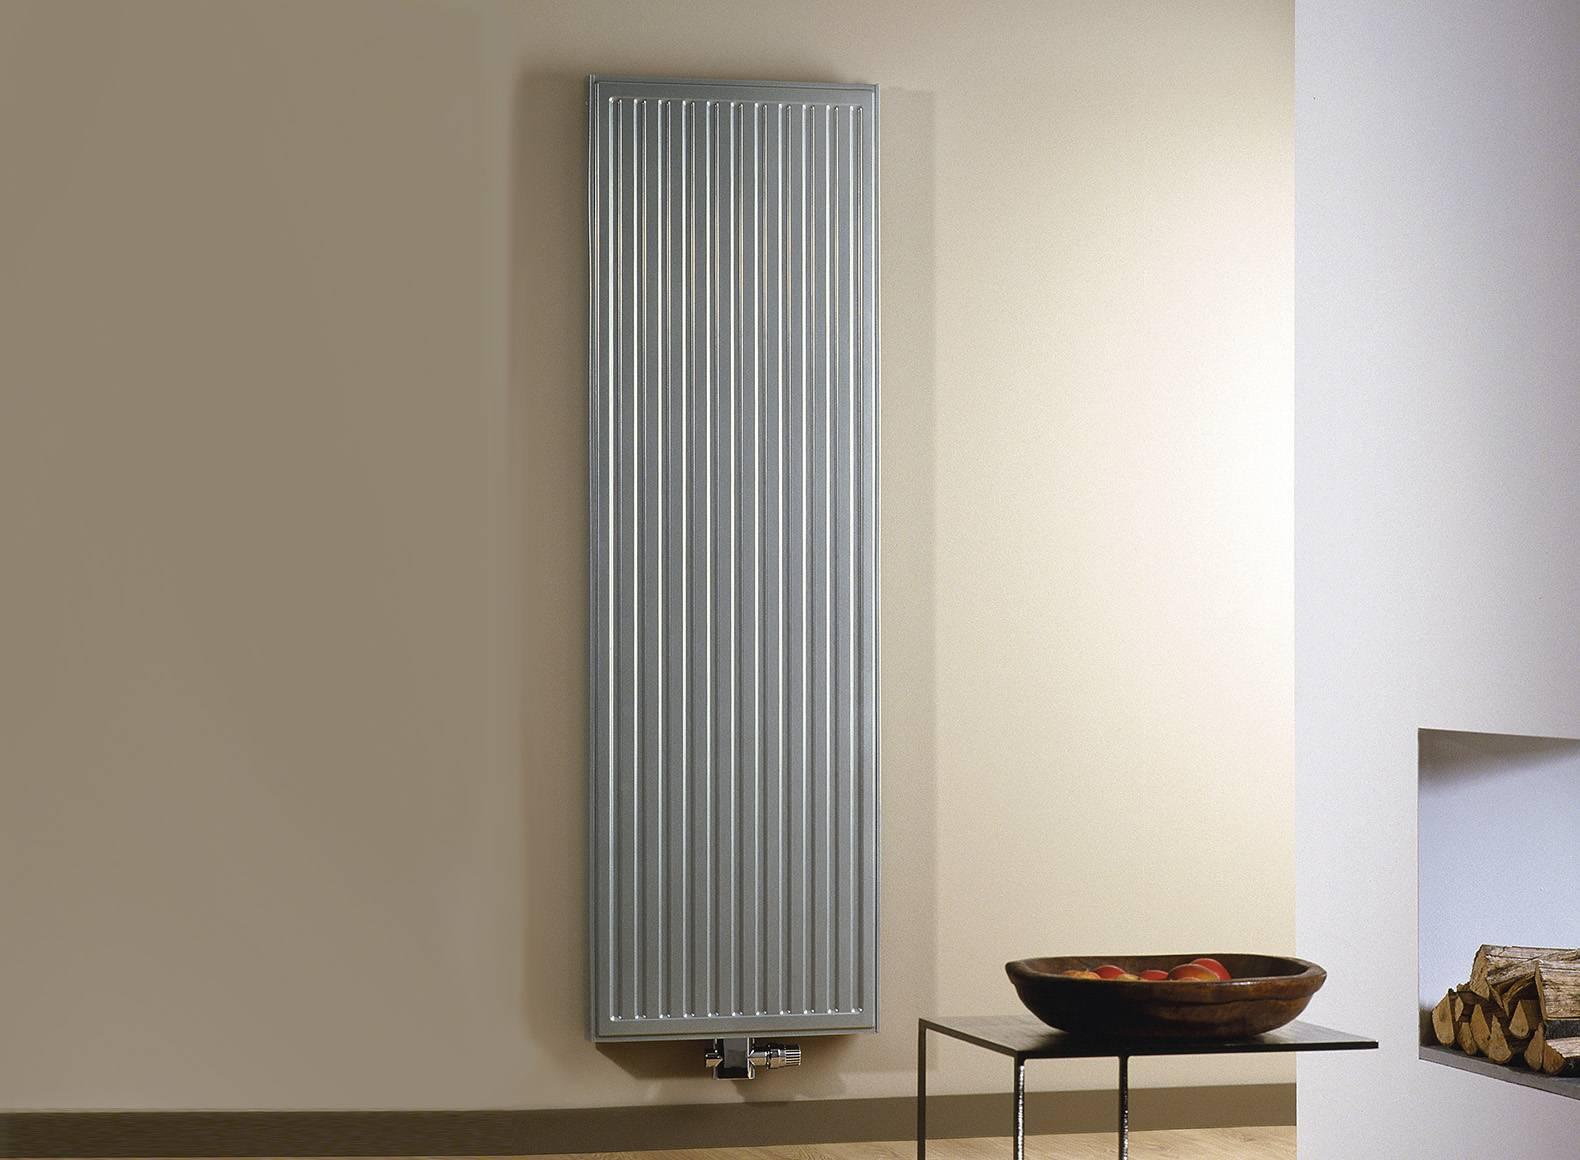 Вертикальная разводка системы отопления многоквартирного дома